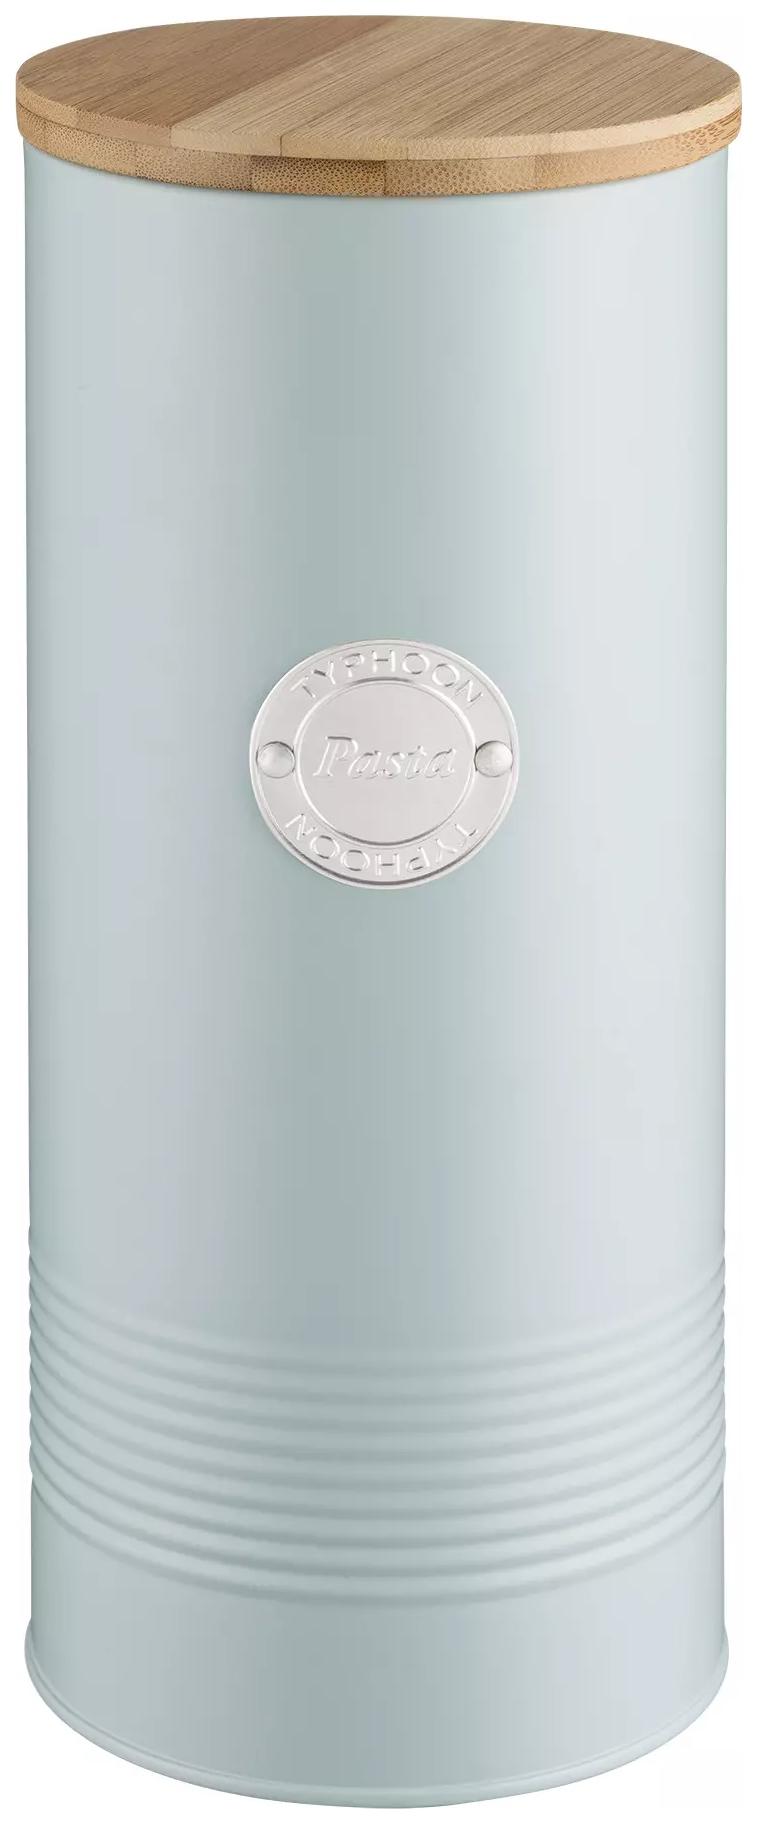 Емкость для хранения пасты Living голубая 2,5 л